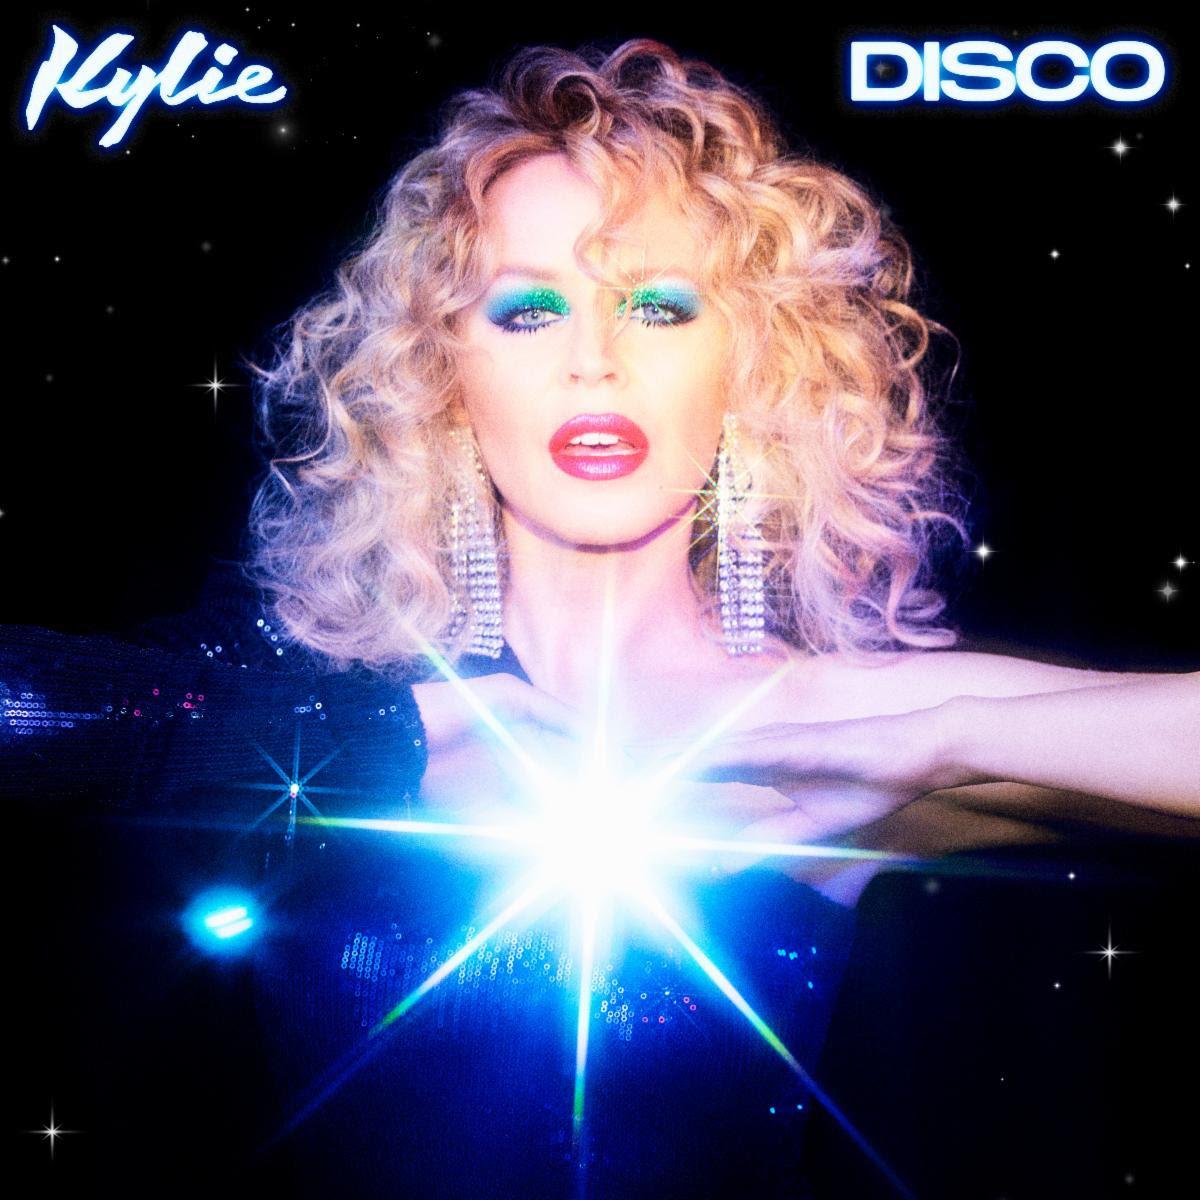 kylie minogue disco album cover artwork Kylie Minogue Announces New Album Disco, Shares Say Something: Stream